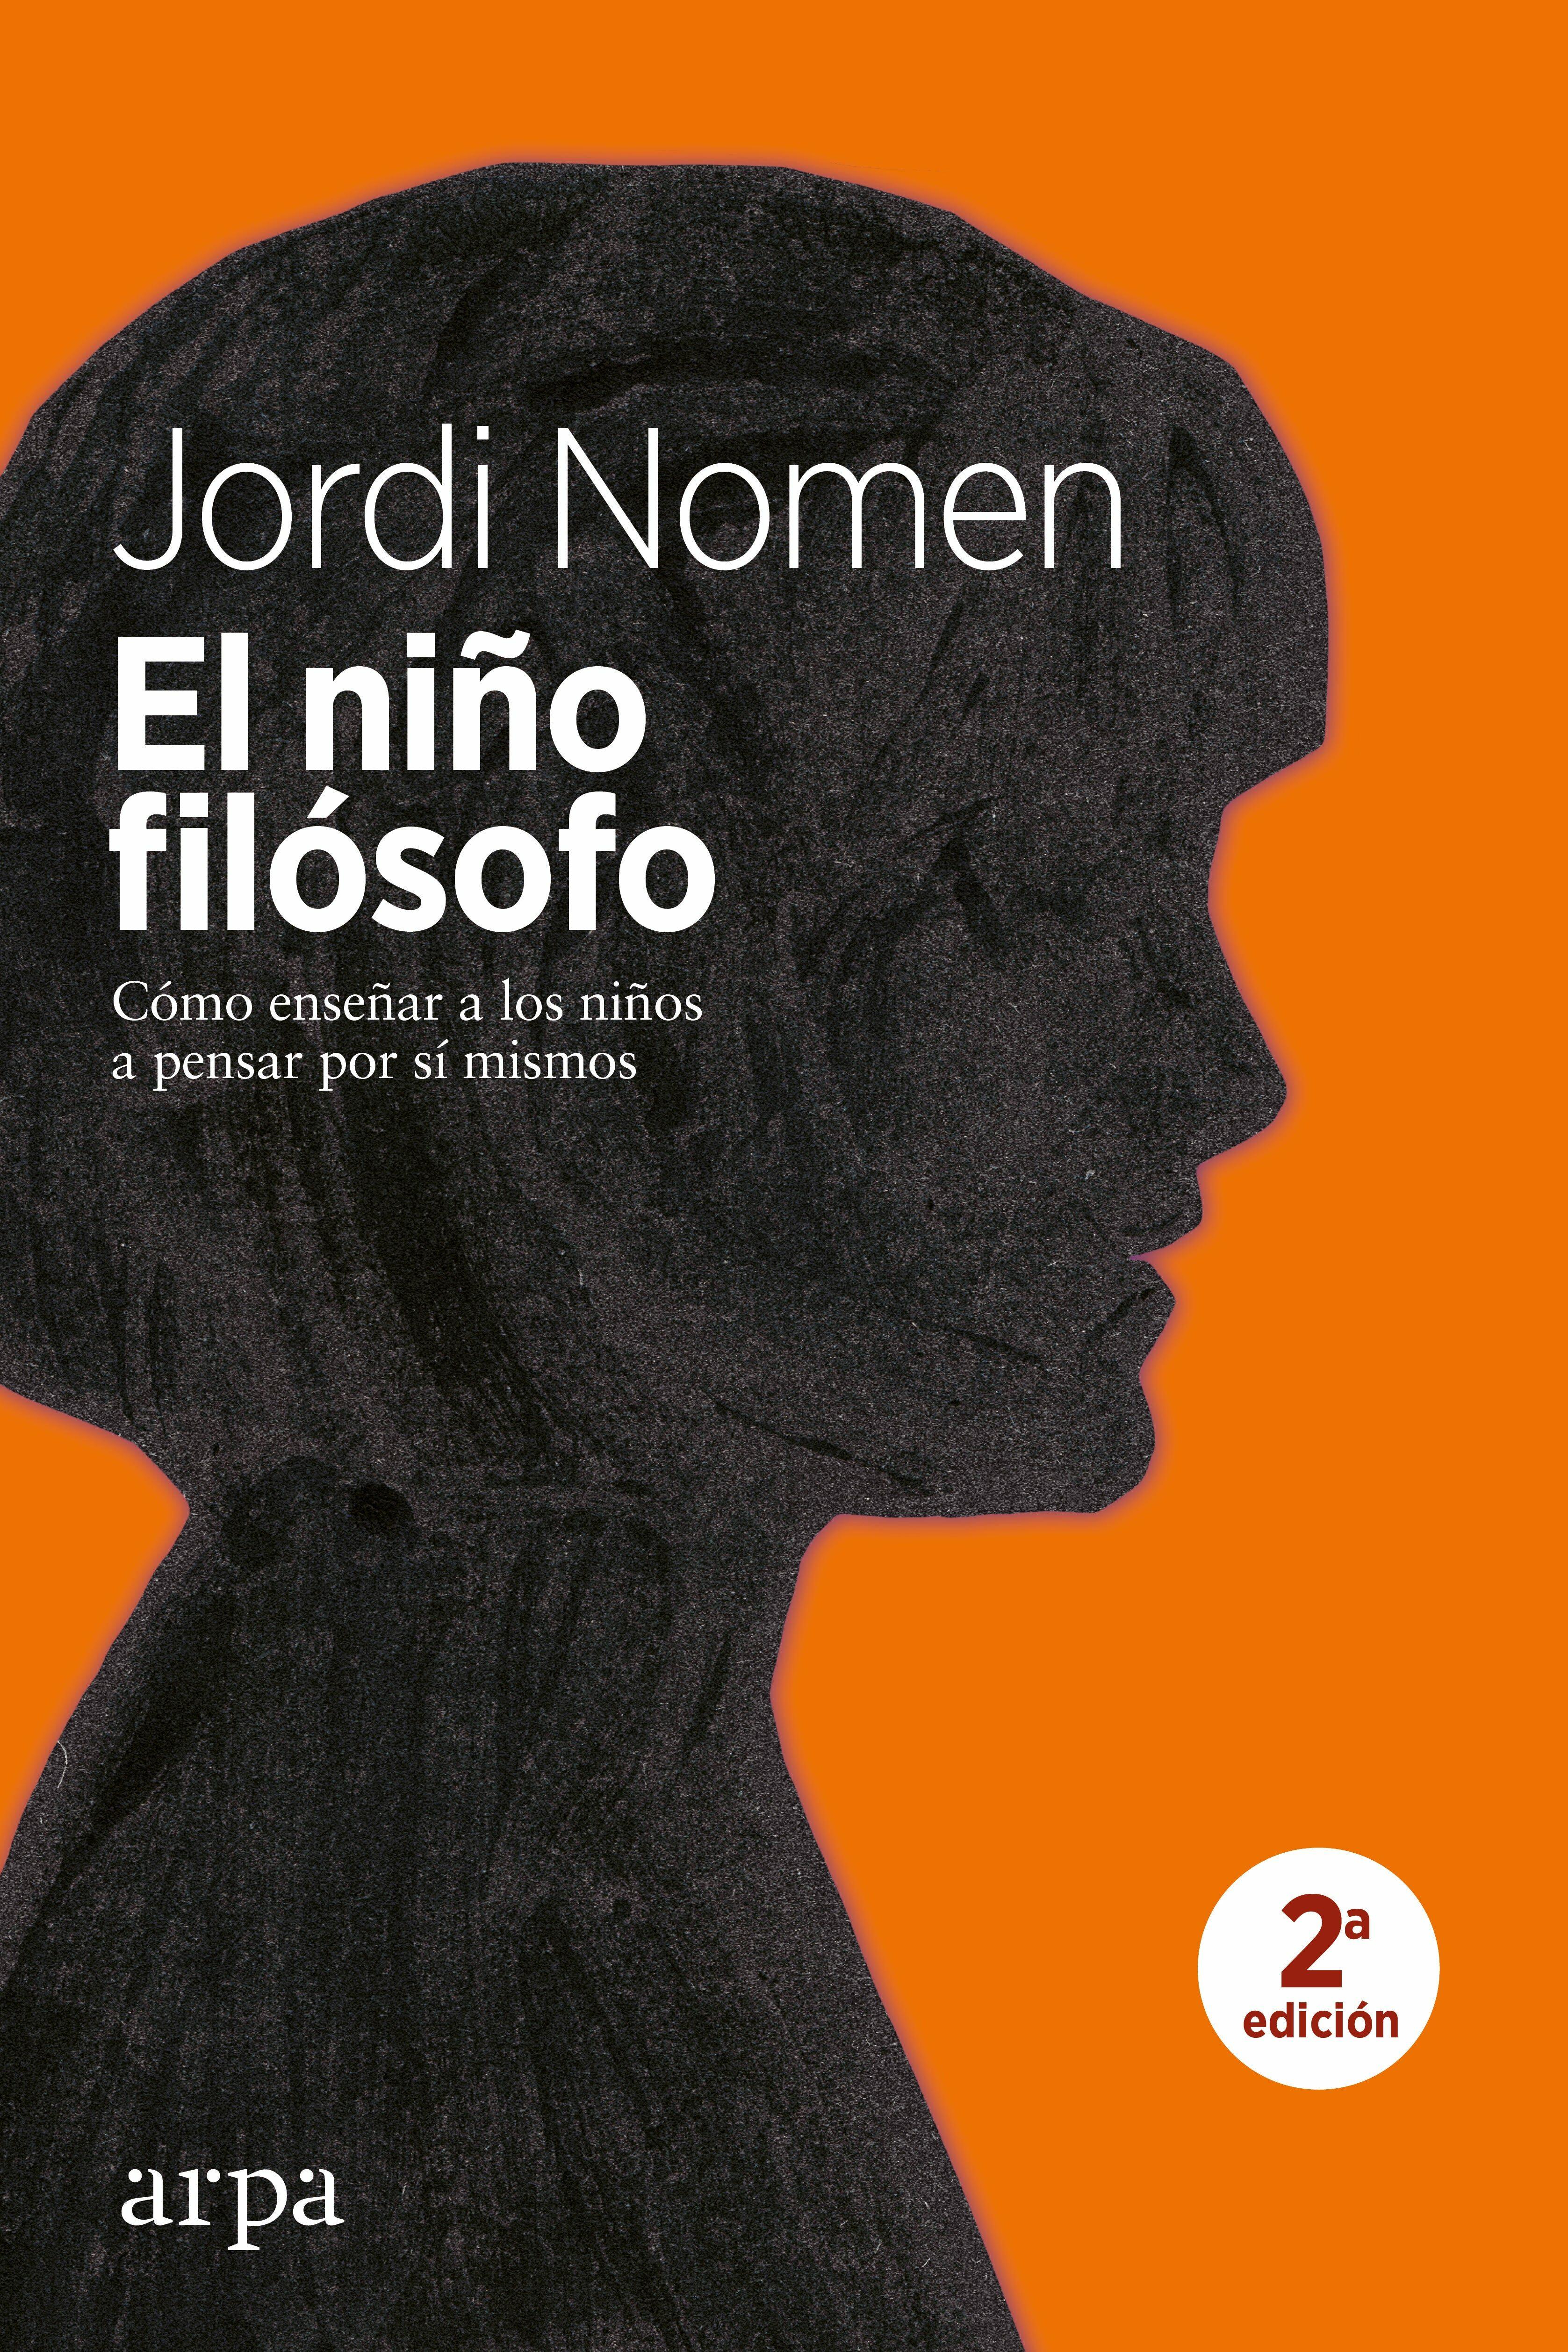 el niño filosofo: como enseñar a los niños a pensar por si mismos-jordi nomen-9788416601677